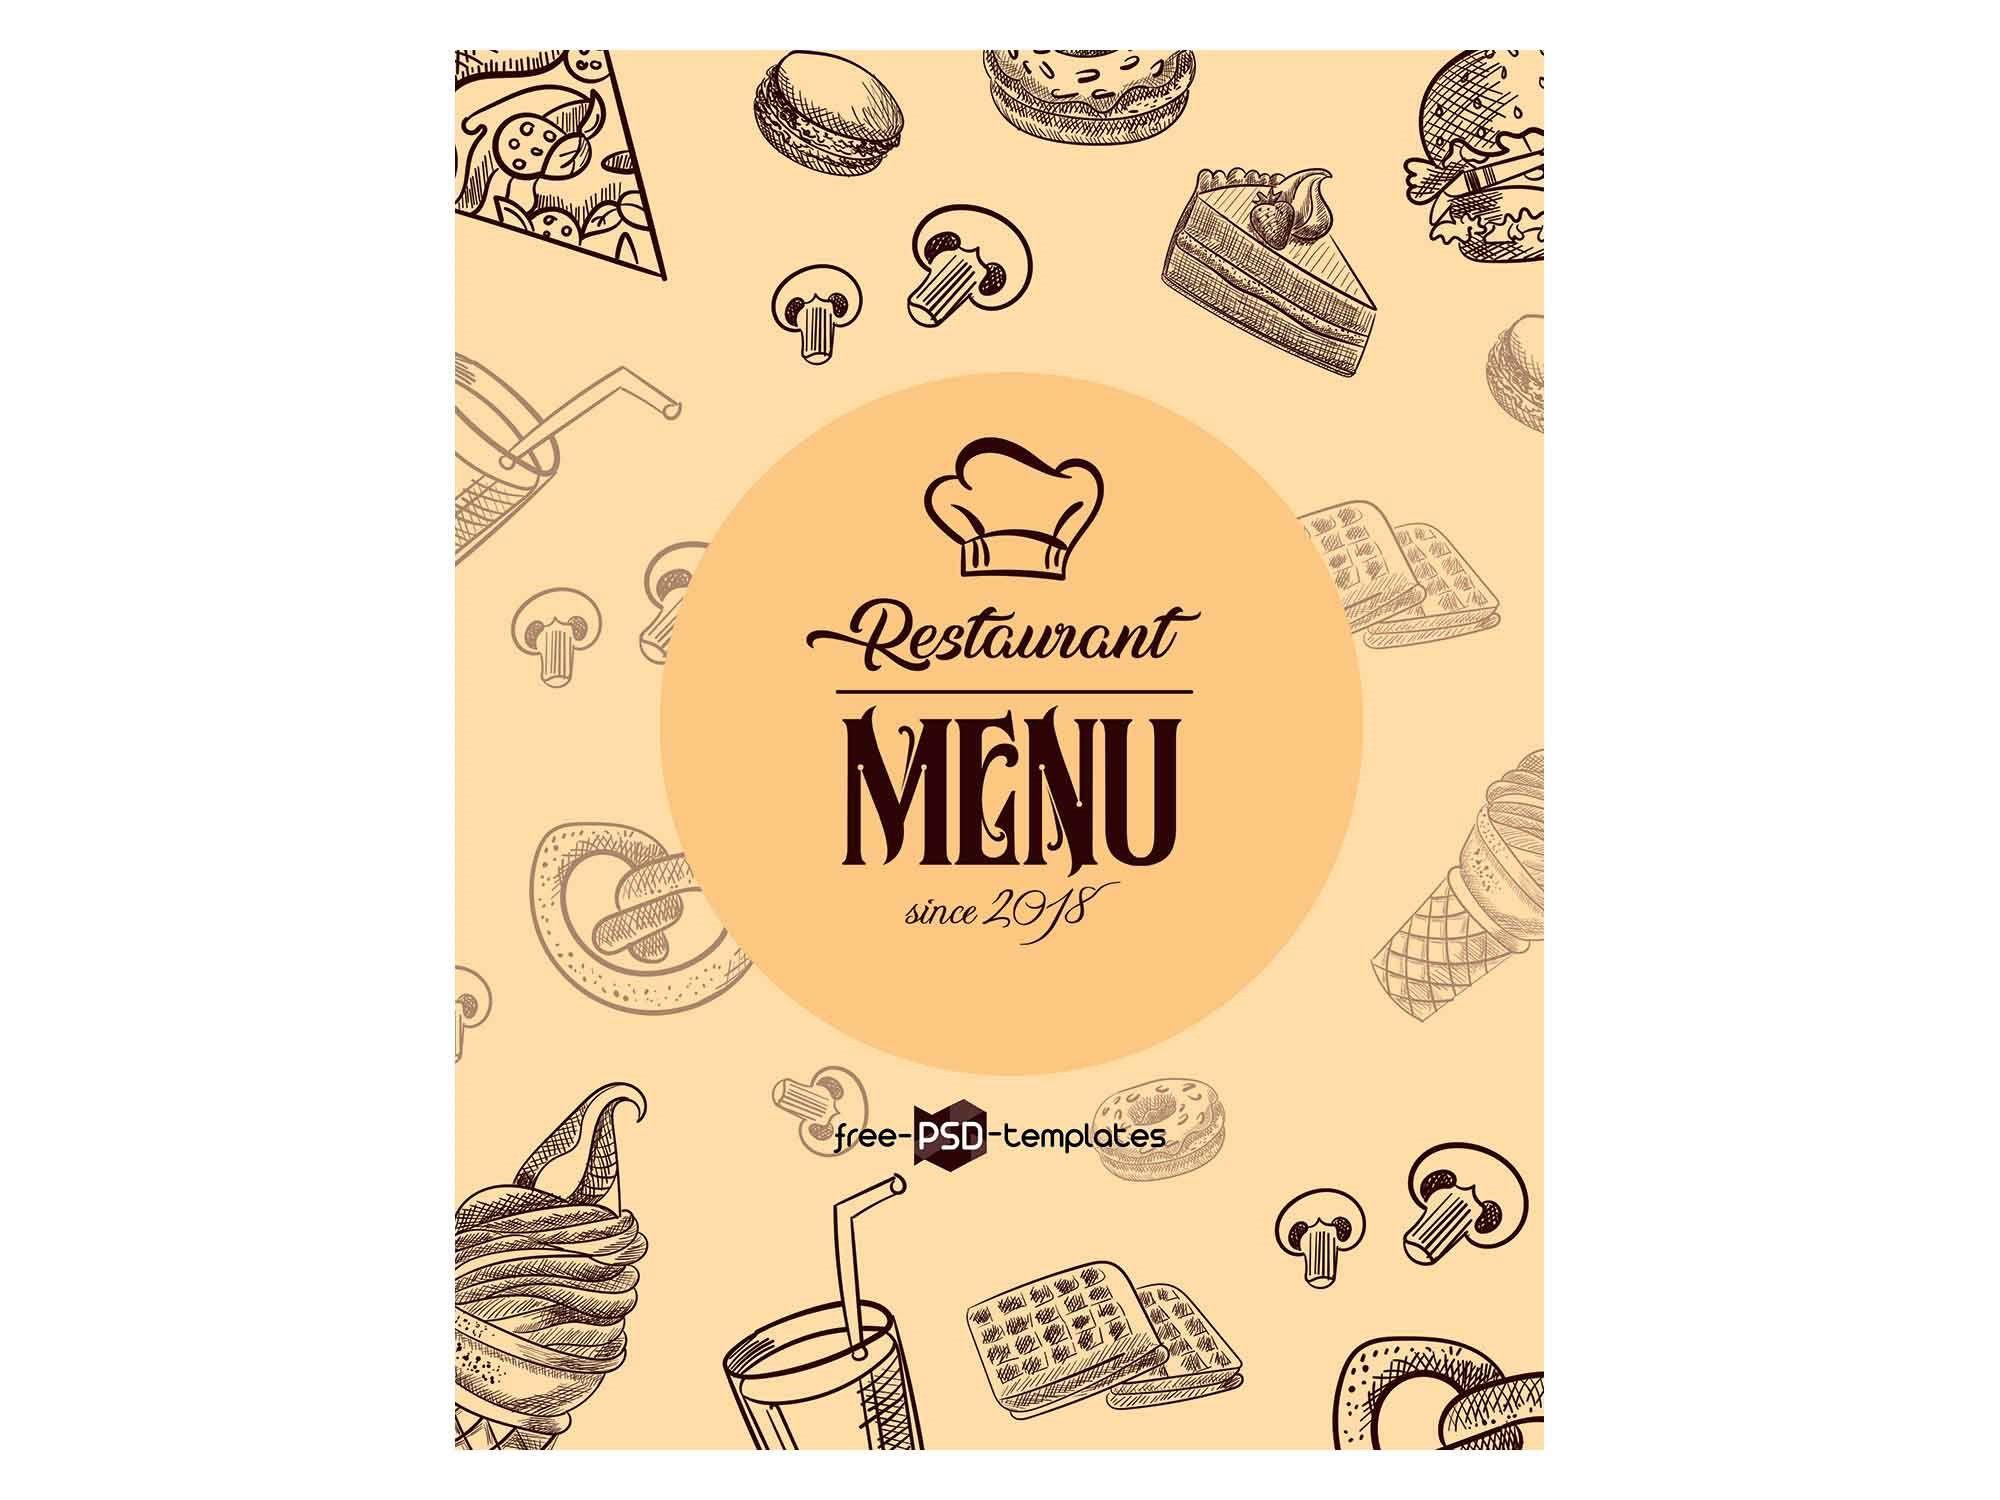 008 Surprising Food Menu Card Template Free Download Idea Full